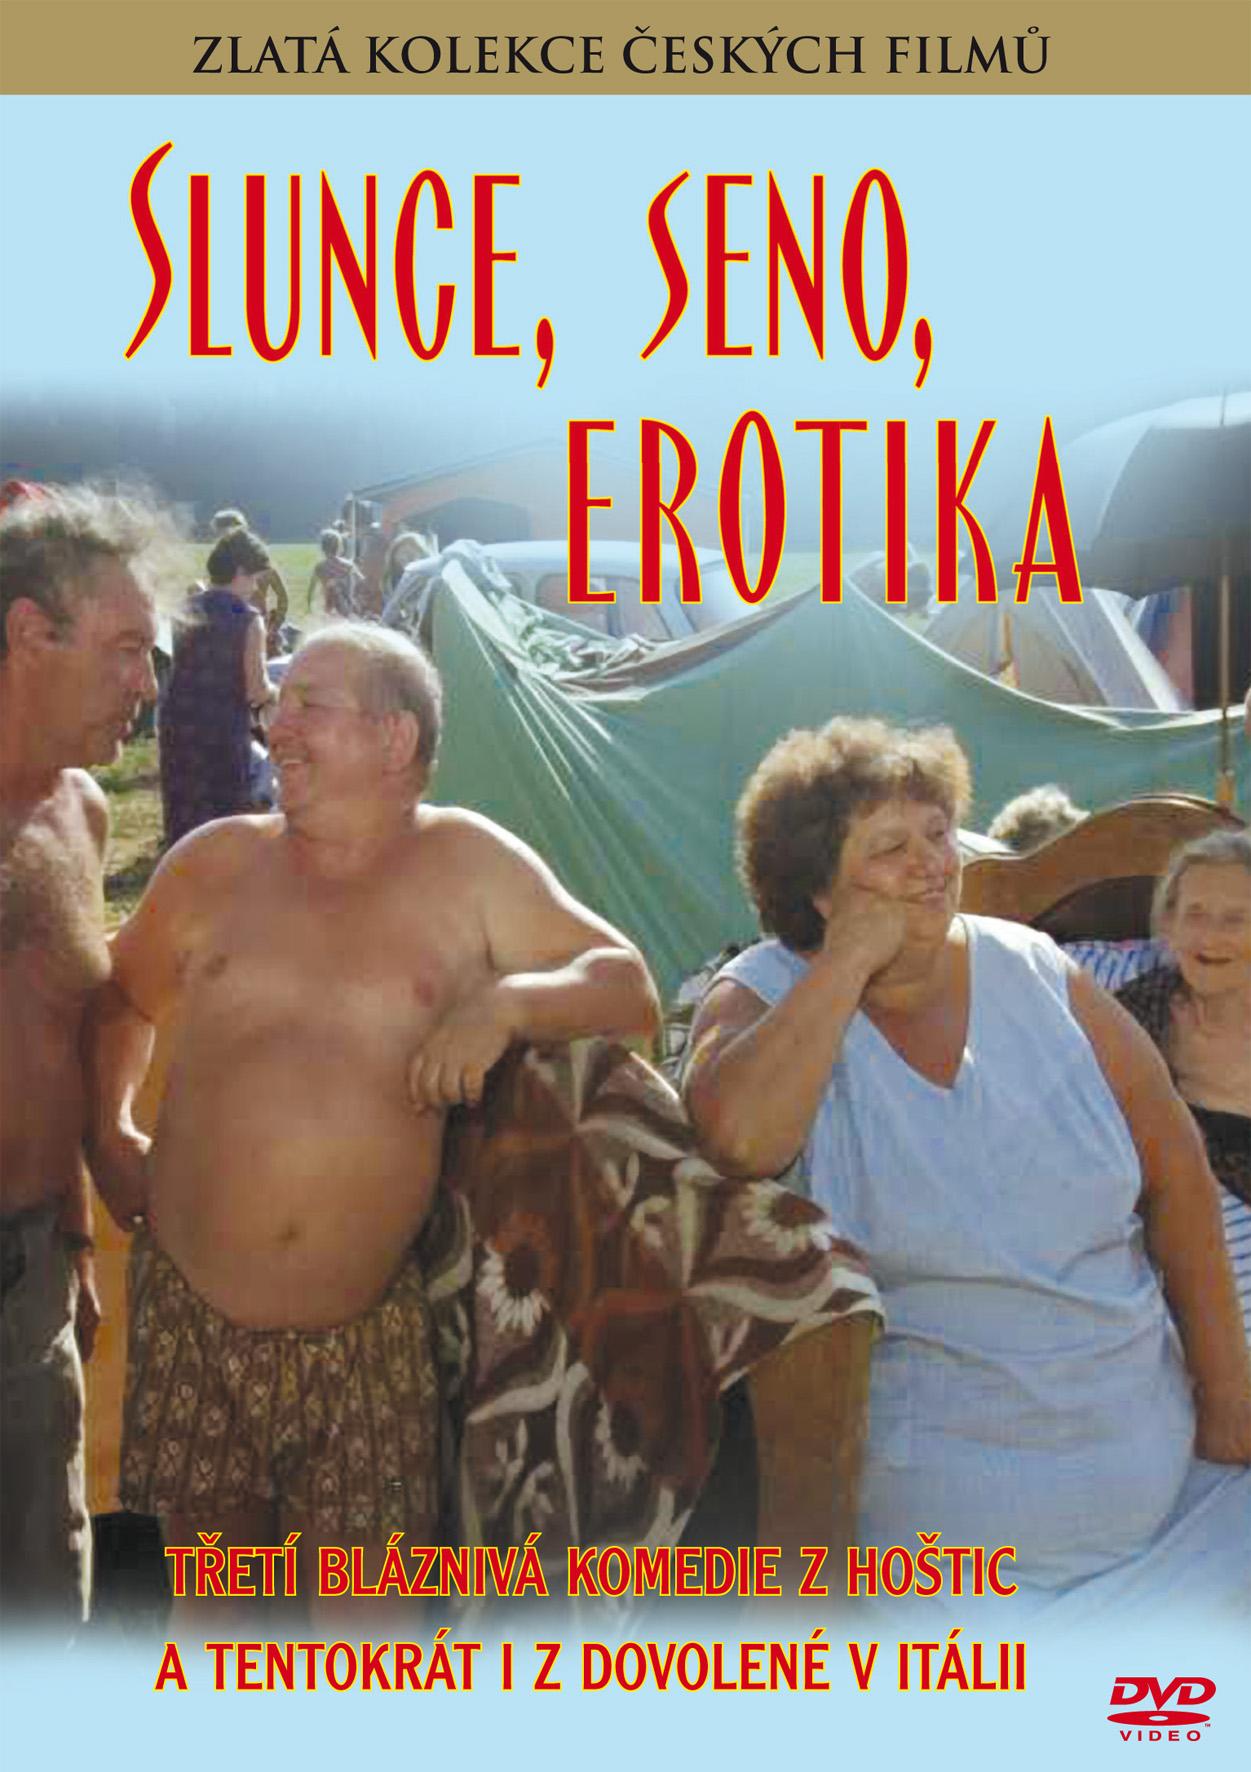 Русские эротические комедии смотреть бесплатно 13 фотография